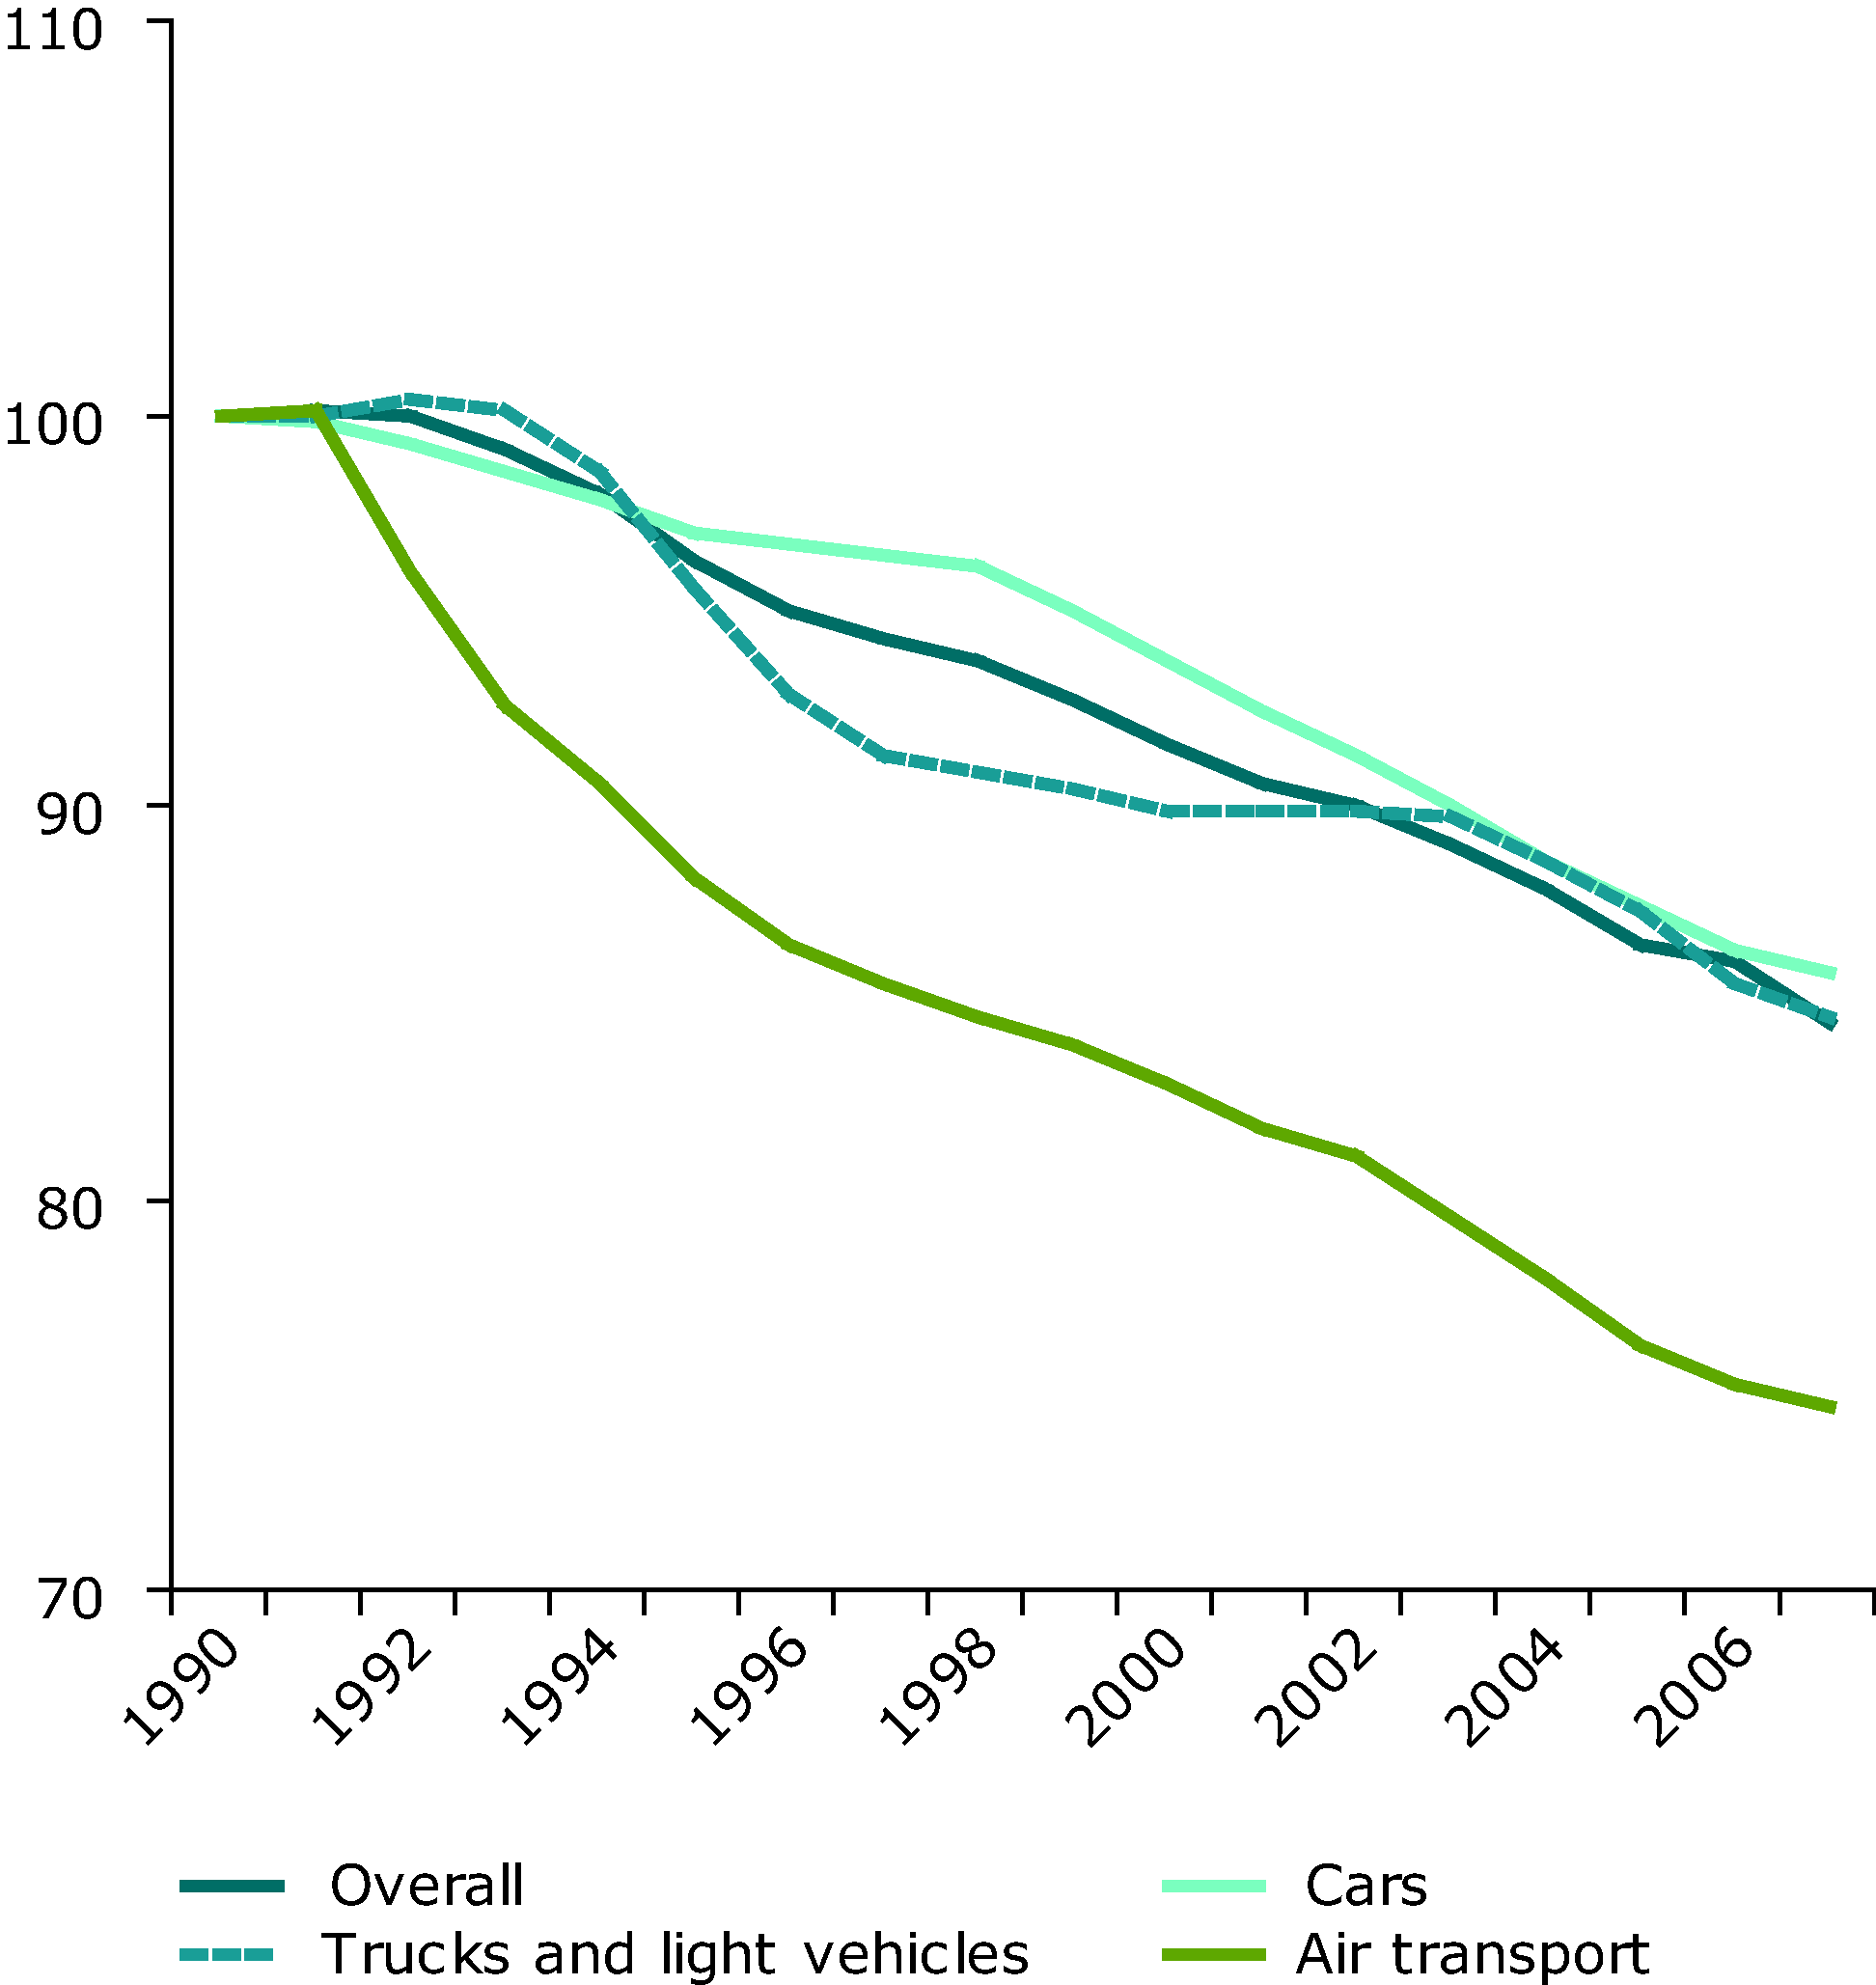 Energy efficiency progress in transport in EU-27